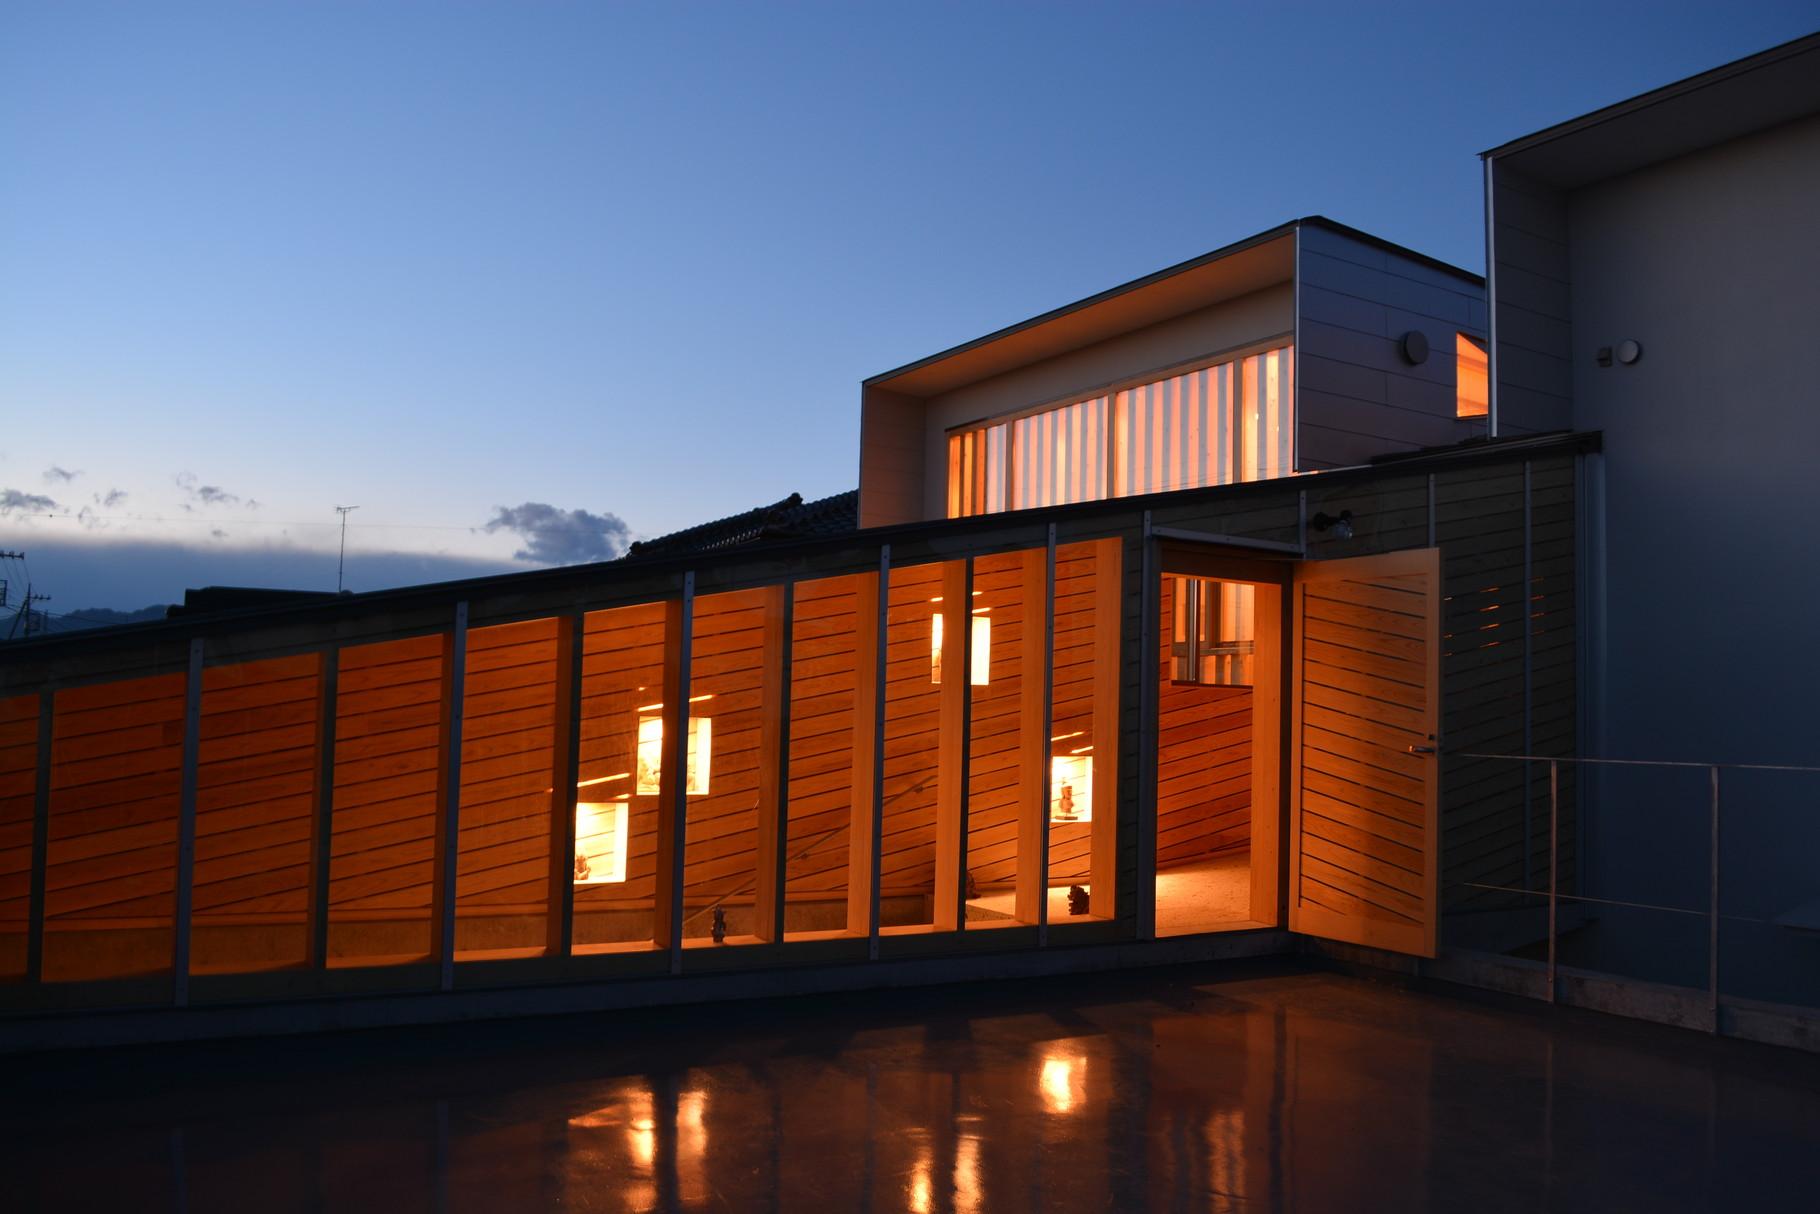 ホーム つくば(茨城) 設計事務所 建築家 Live Haus - つくば  設計事務所  建築家  設計士 住宅  木造 自然素材